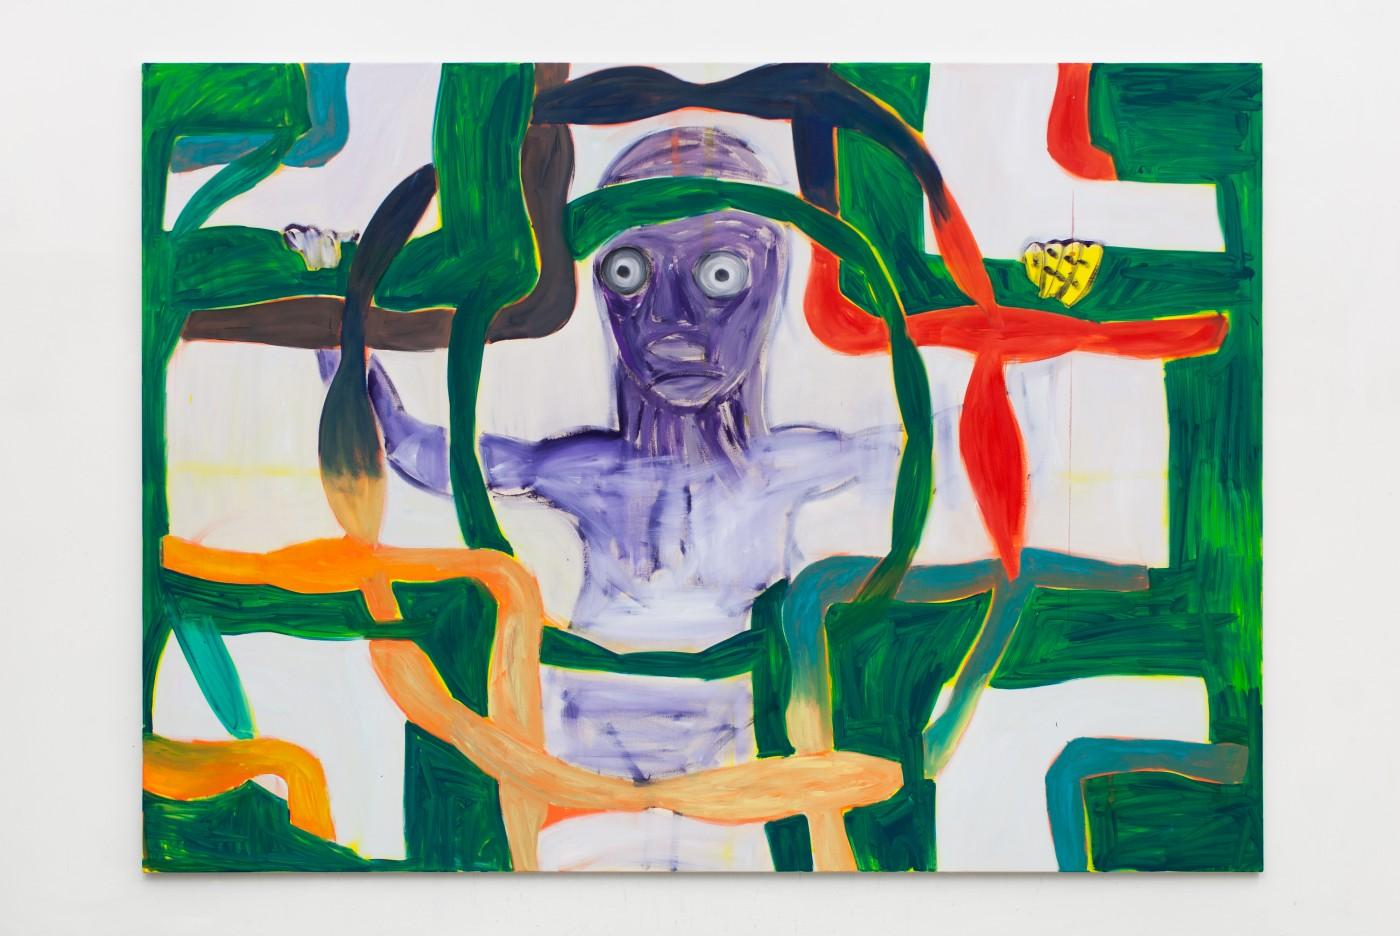 TOM HUMPHREYS  Endling</I>, 2018 Acrylic on canvas 200 × 280 cm / 78.7 × 110.2 in